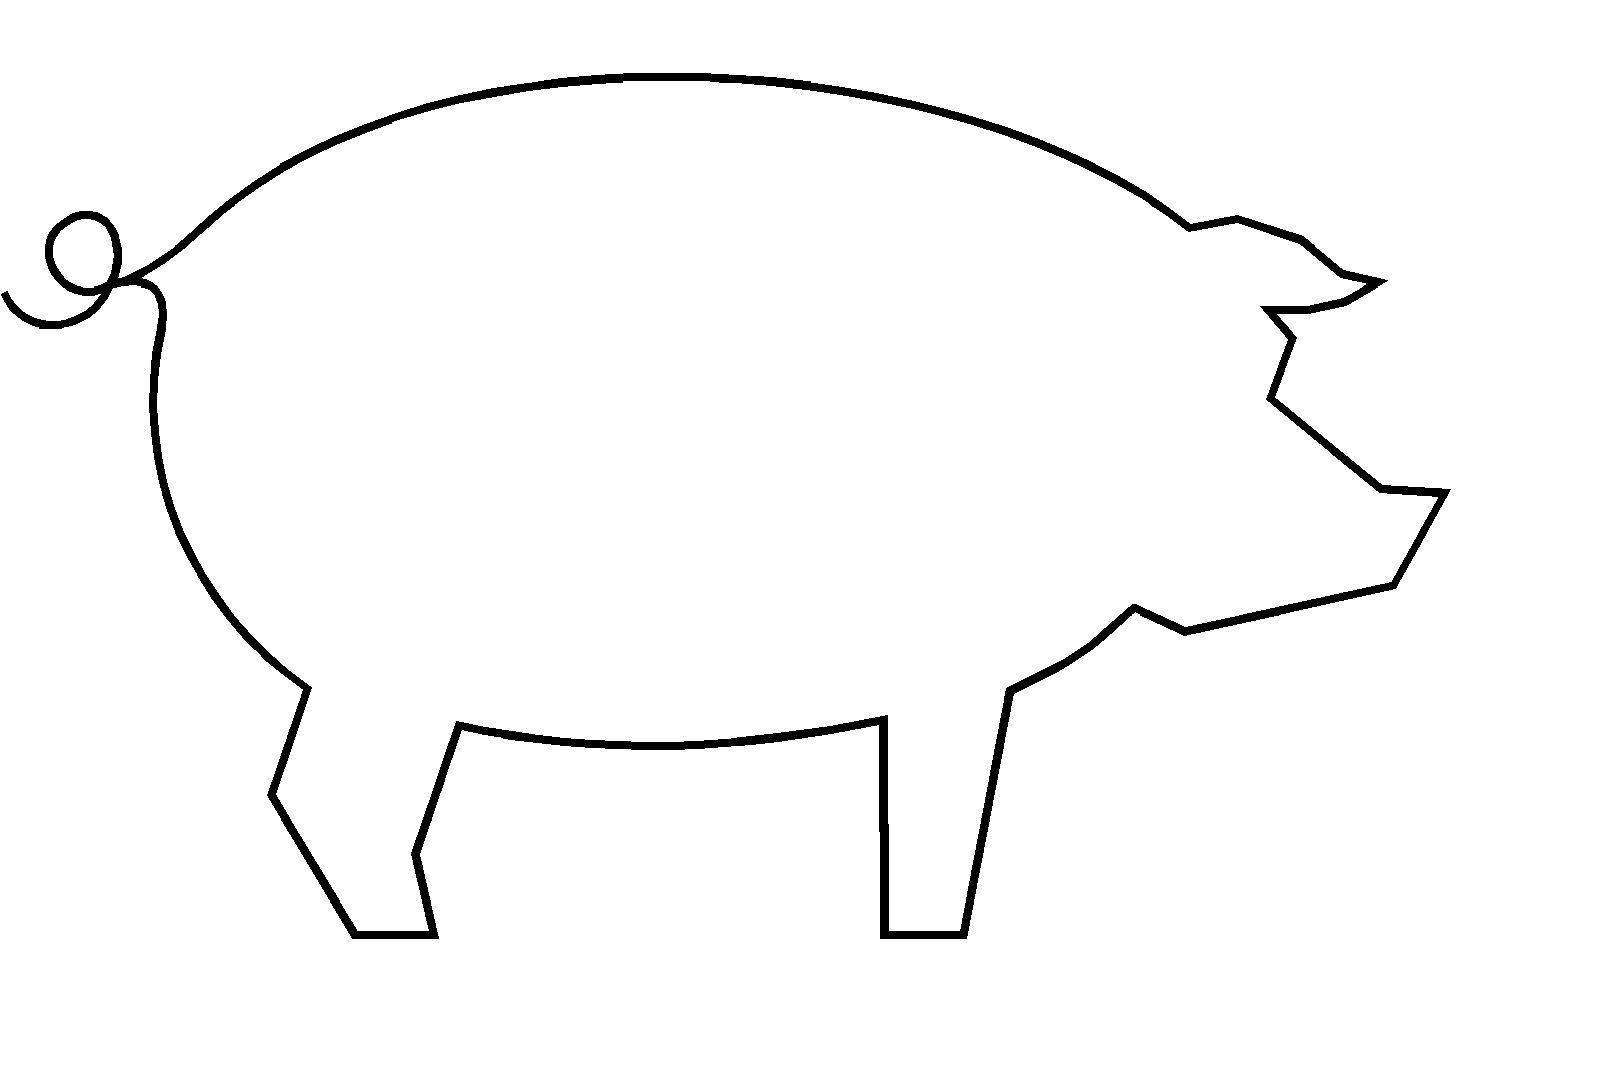 Souvent Art graphique : tracer des silhouettes de personnages et d'animaux  VB28